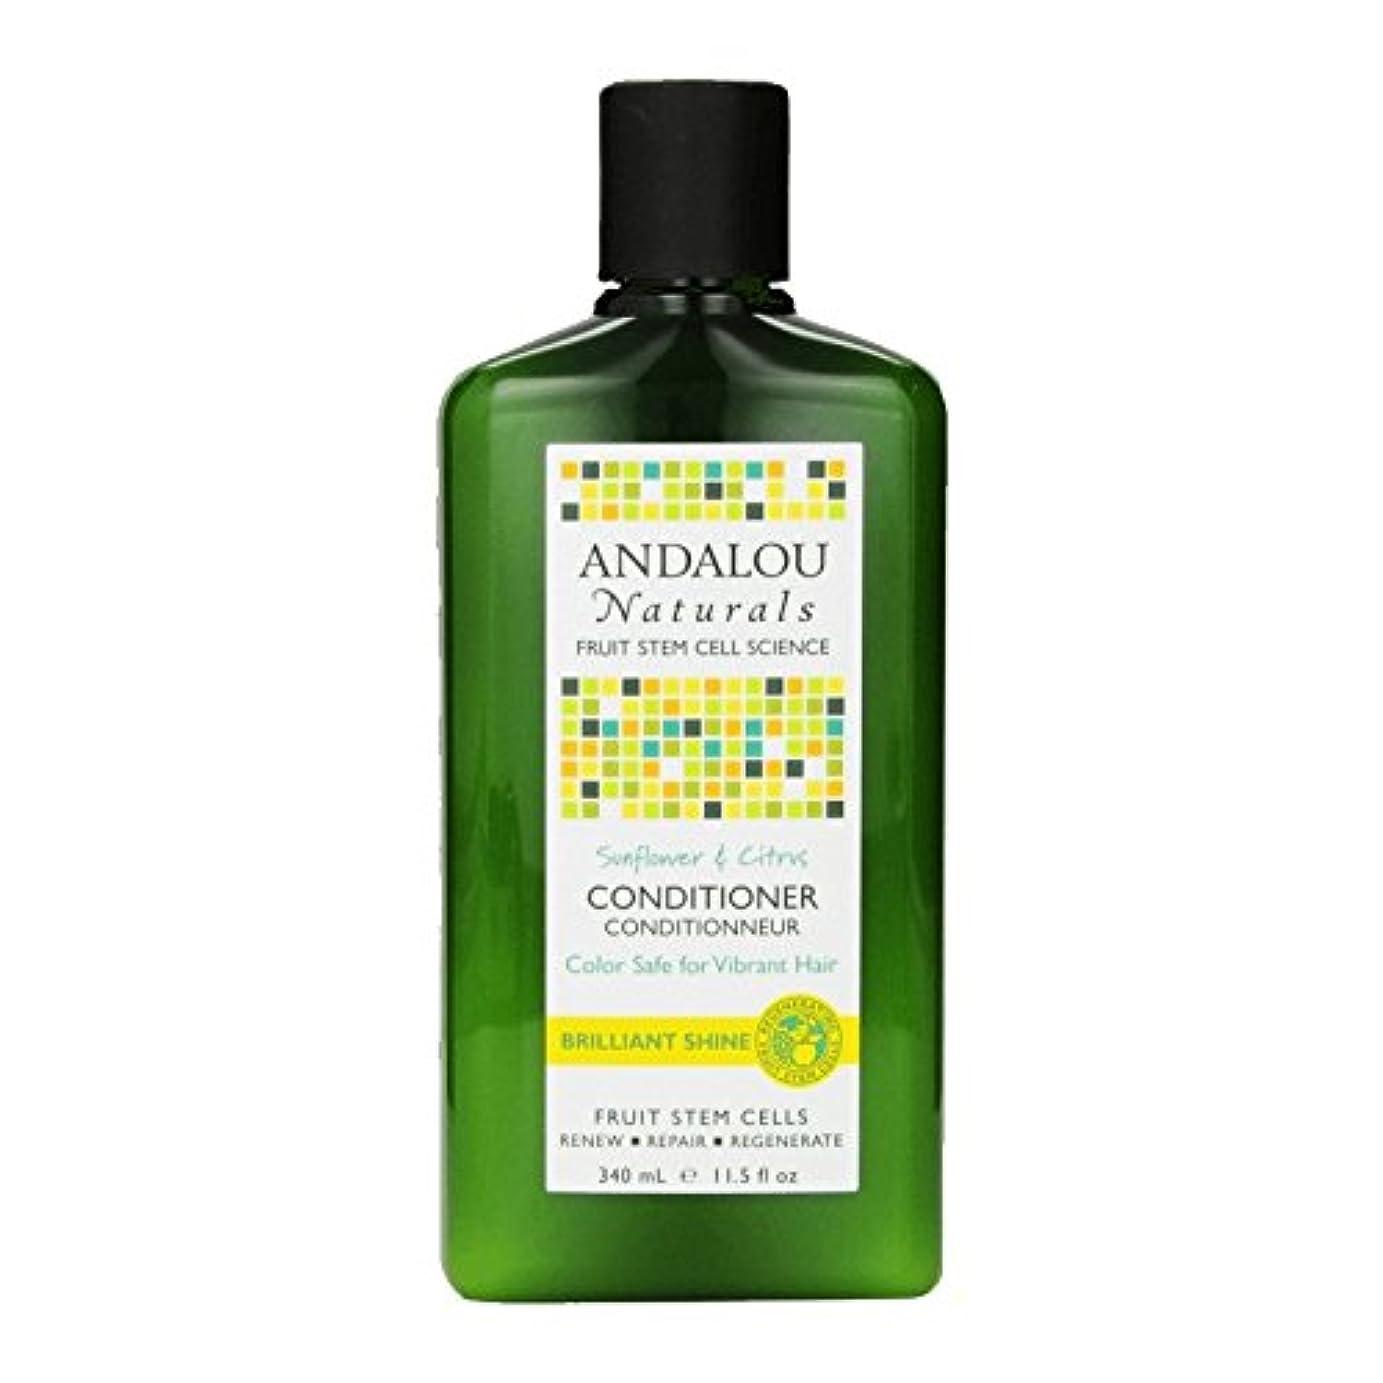 可能性エッセンス雹Andalou Sunflower & Citrus Brilliant Shine Conditioner 340ml (Pack of 2) - アンダロウひまわり&シトラス鮮やかな輝きコンディショナー340ミリリットル...